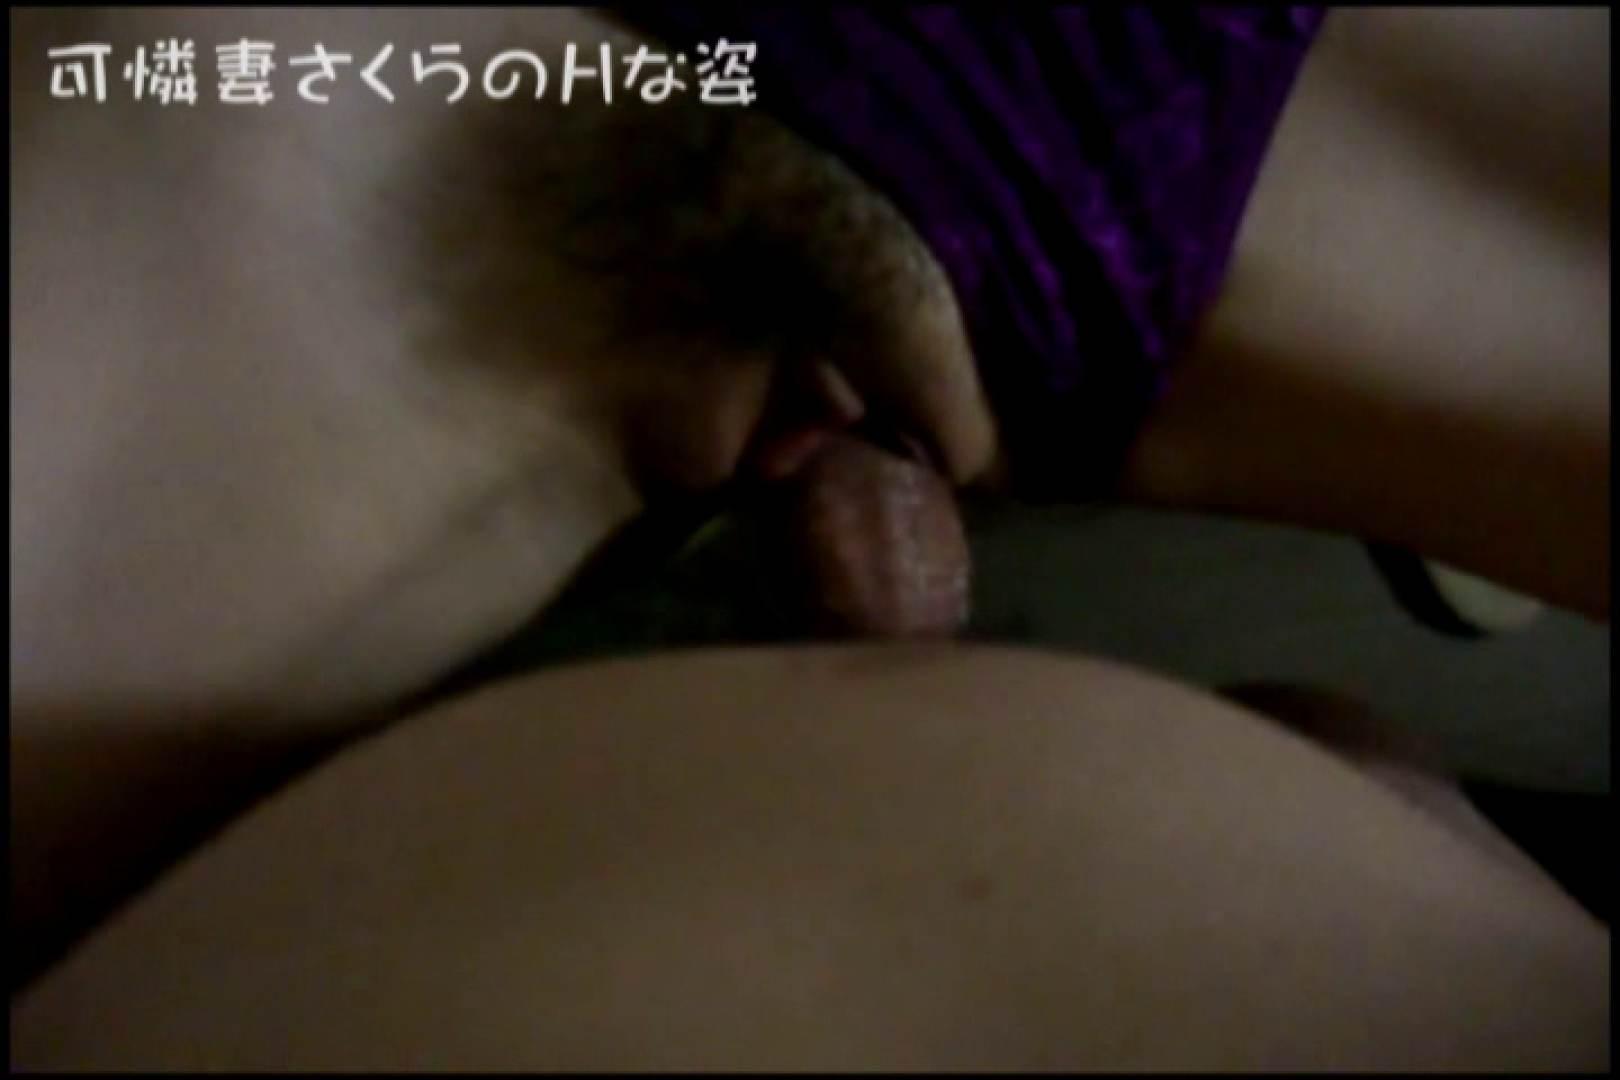 可憐妻さくらのHな姿vol.6 OL裸体 | 熟女の裸体  68画像 57